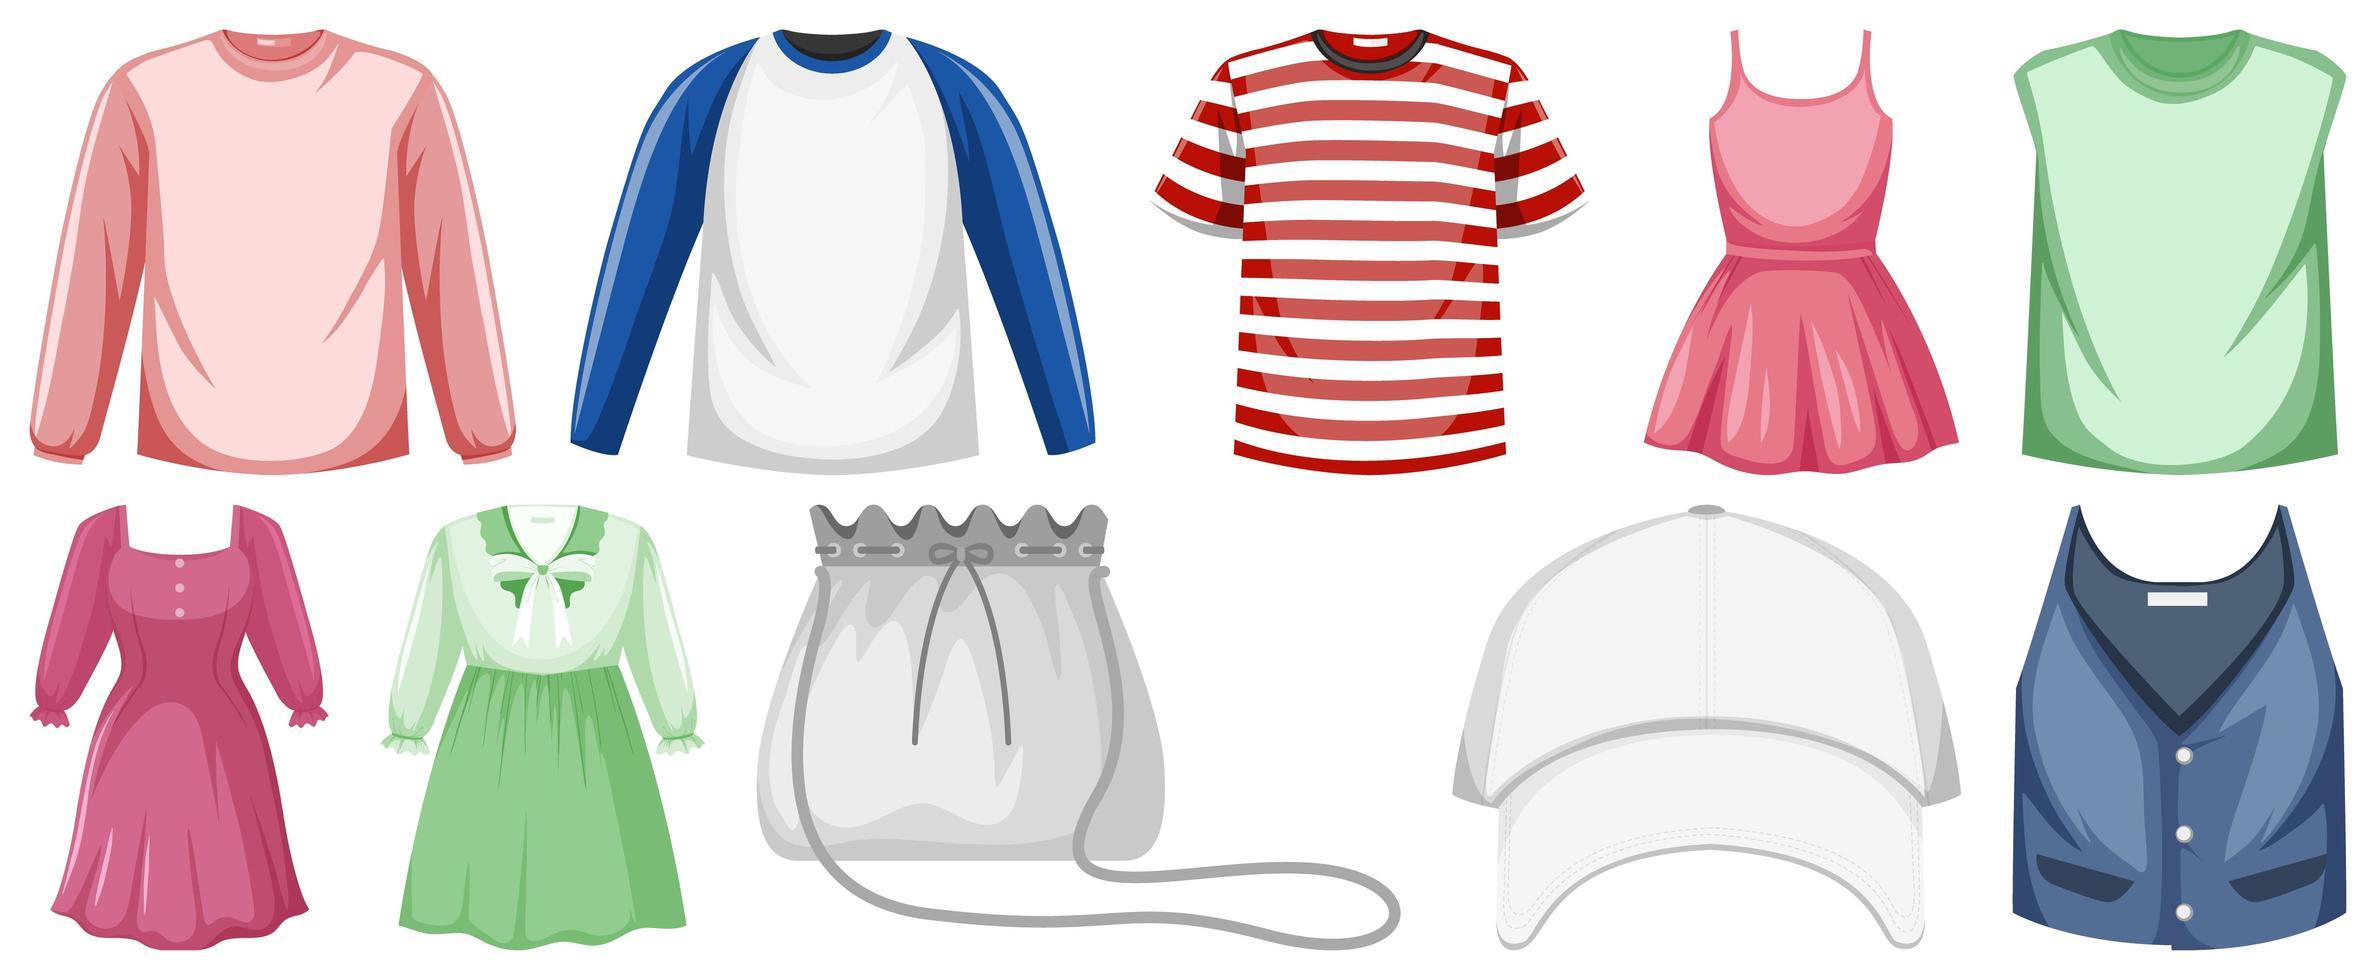 ensemble de vêtements de dessin animé vecteur